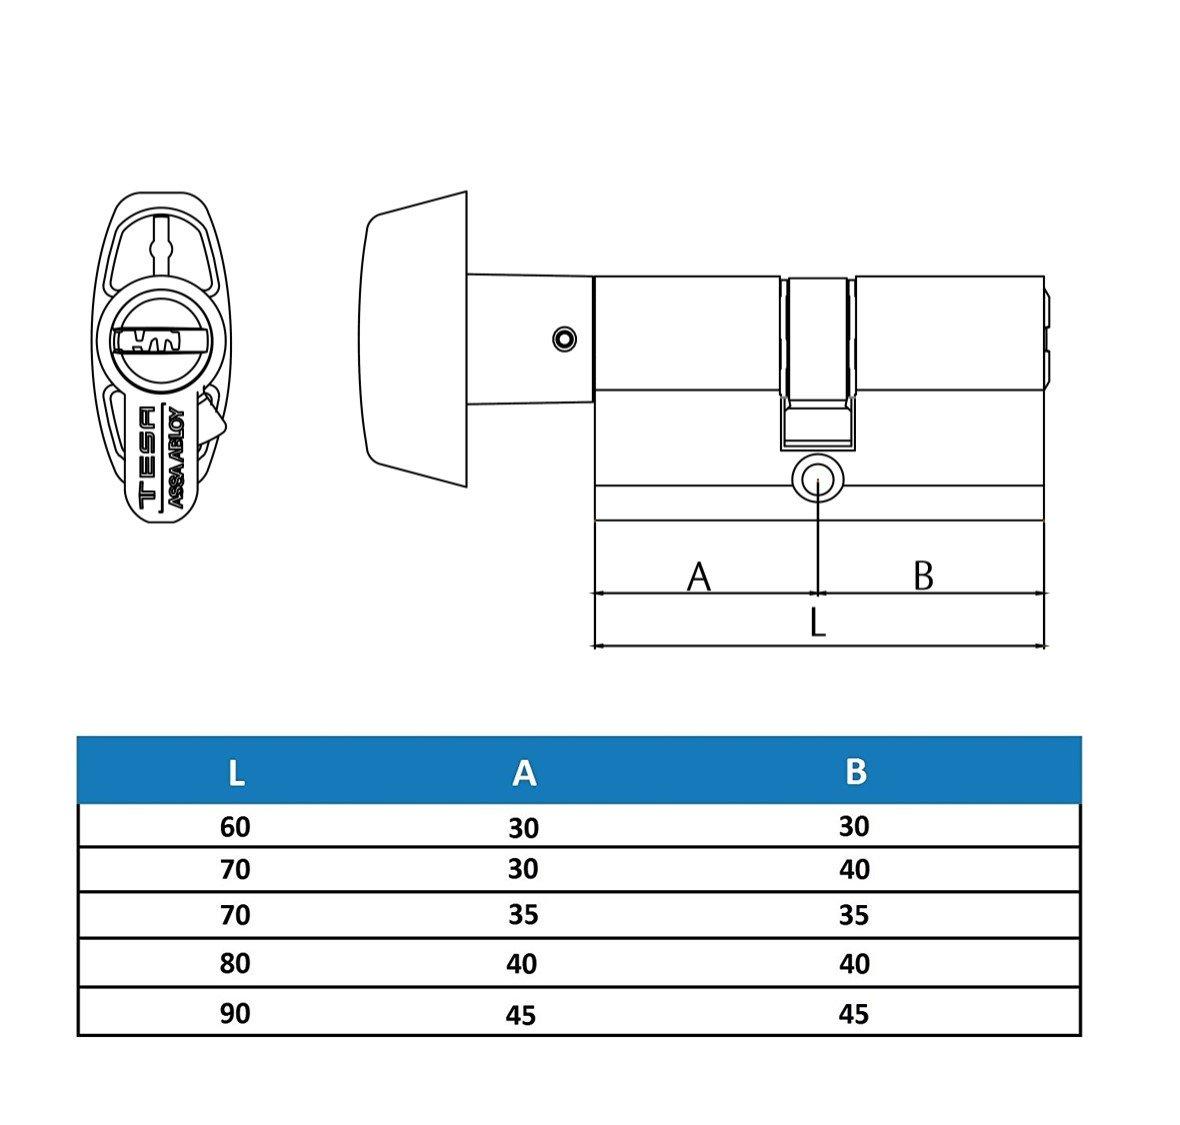 Tesa Assa Abloy, T85B3030L, Cilindro de seguridad T80, Leva larga, Botón, 30x30mm, Latonado: Amazon.es: Bricolaje y herramientas